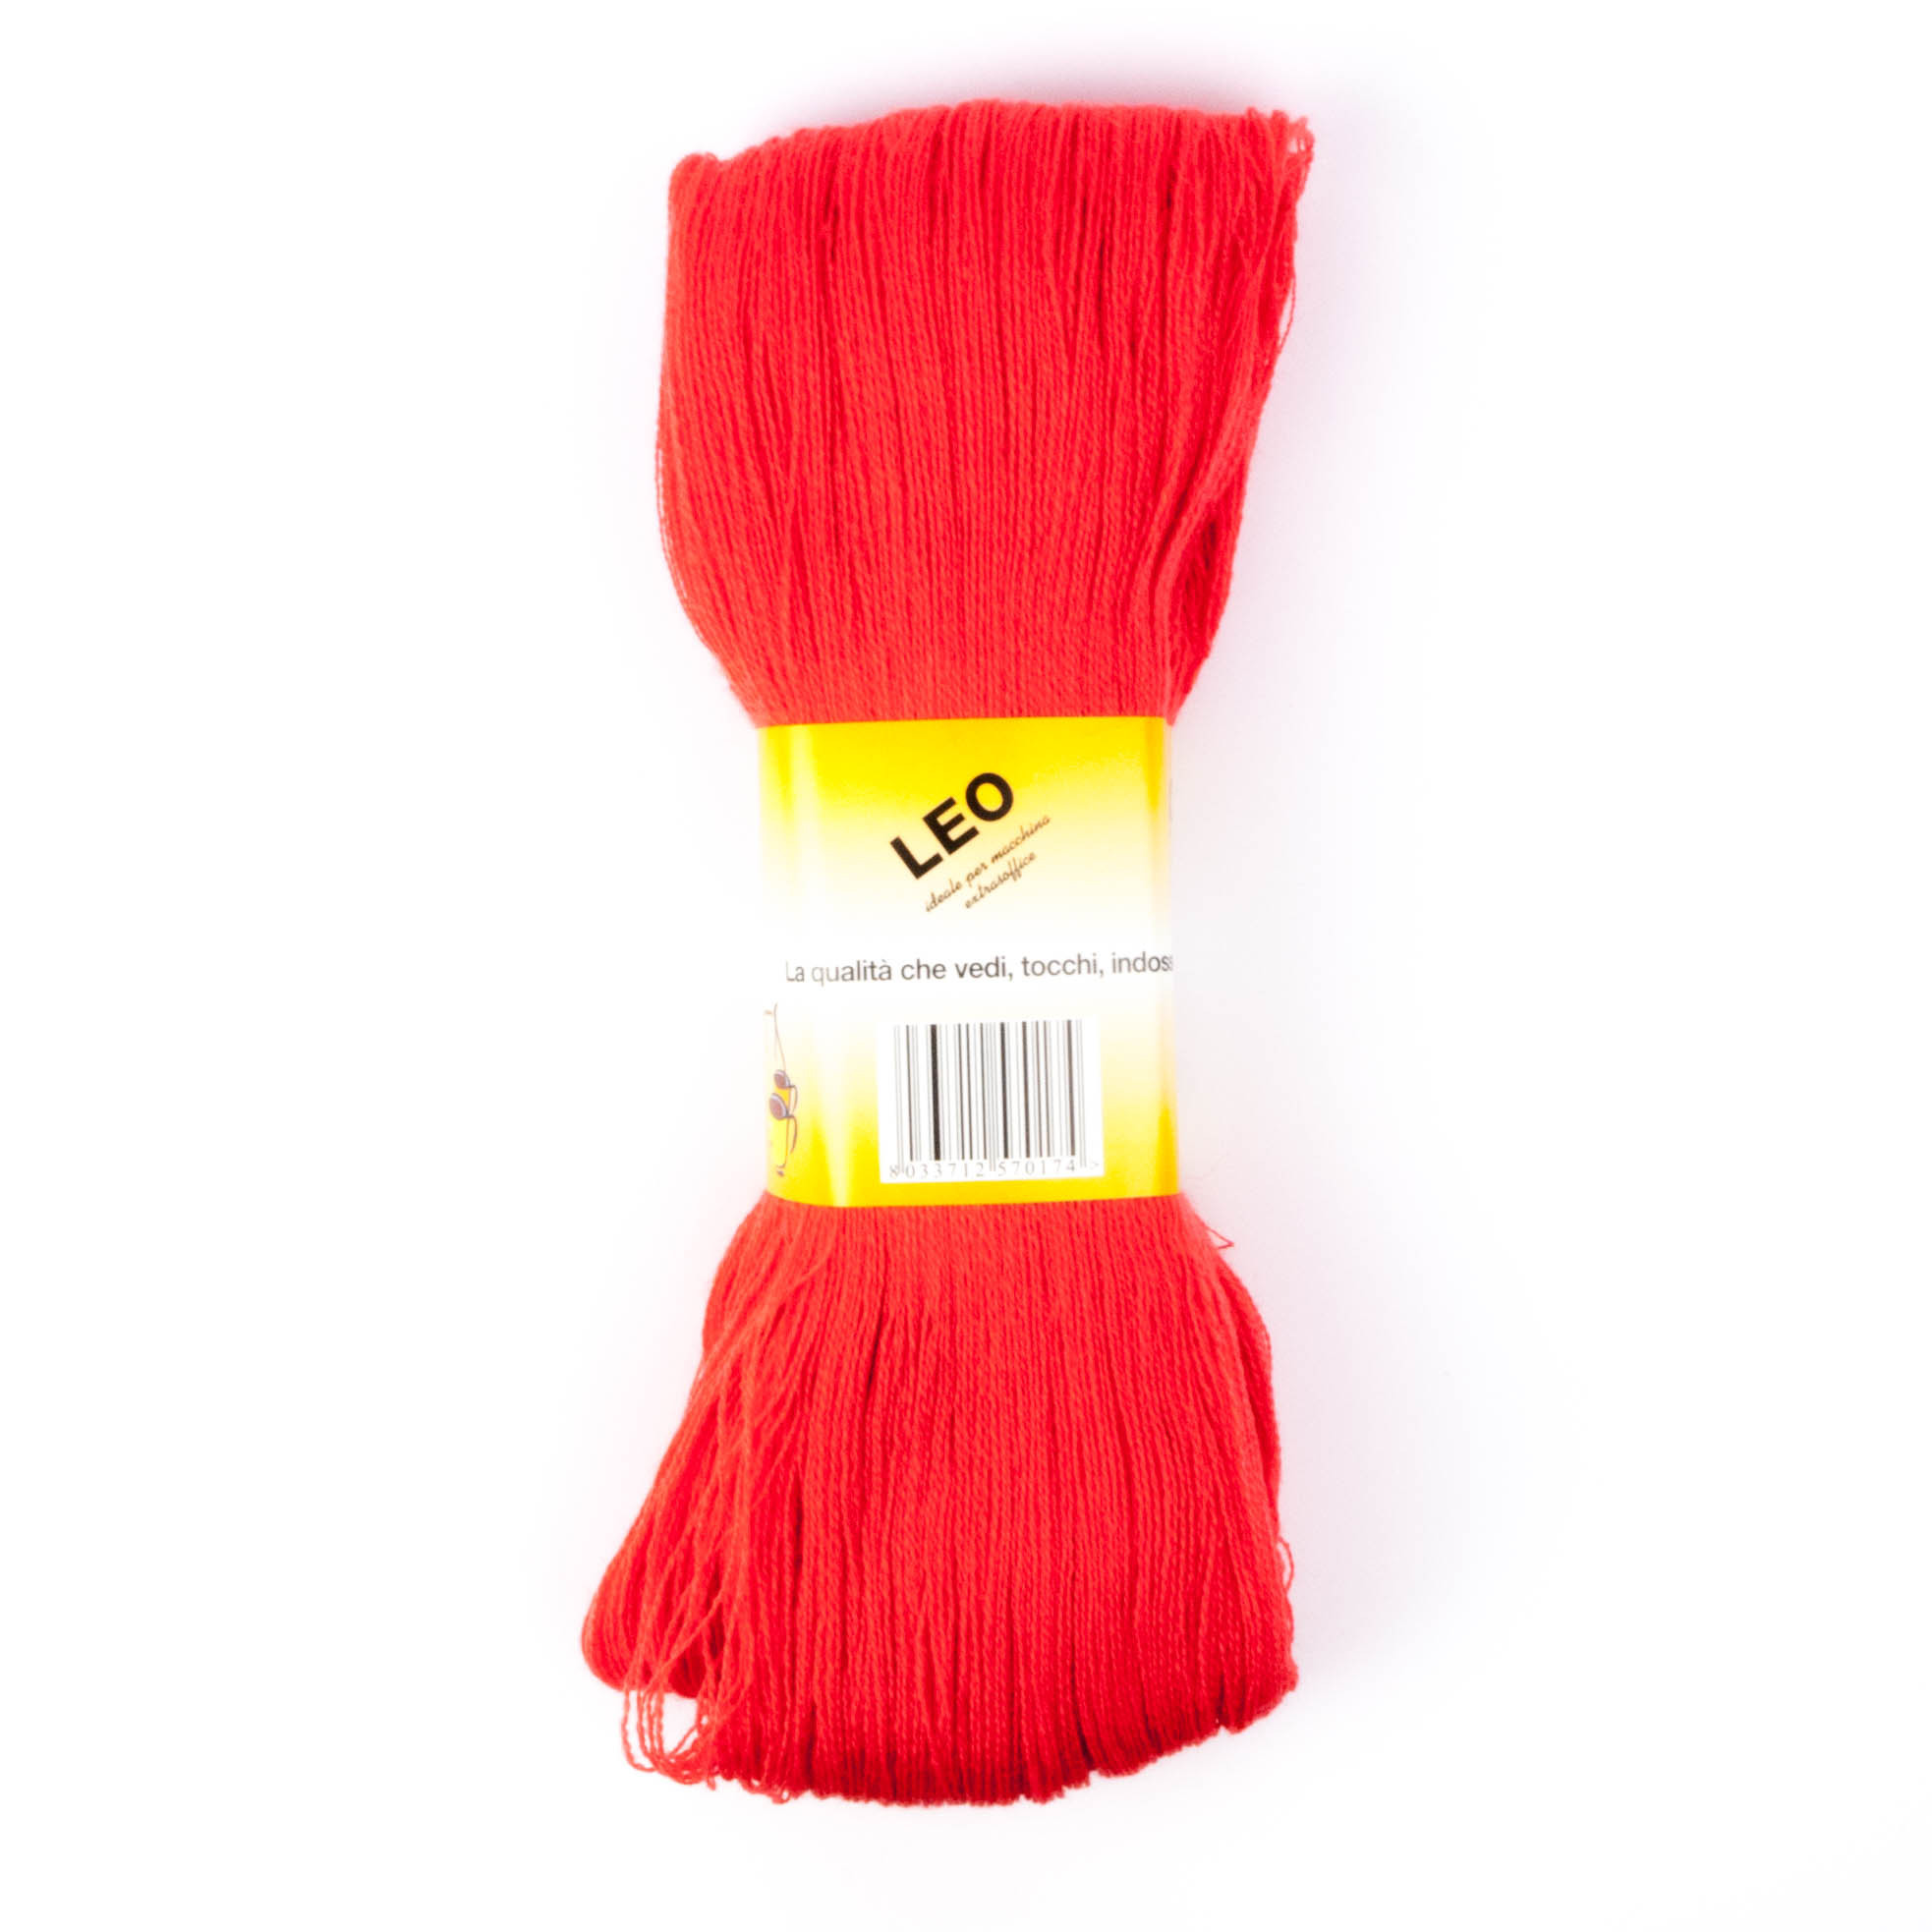 Leo - Matassa misto lana ideale per lavori a mano e macchina - Rosso 27